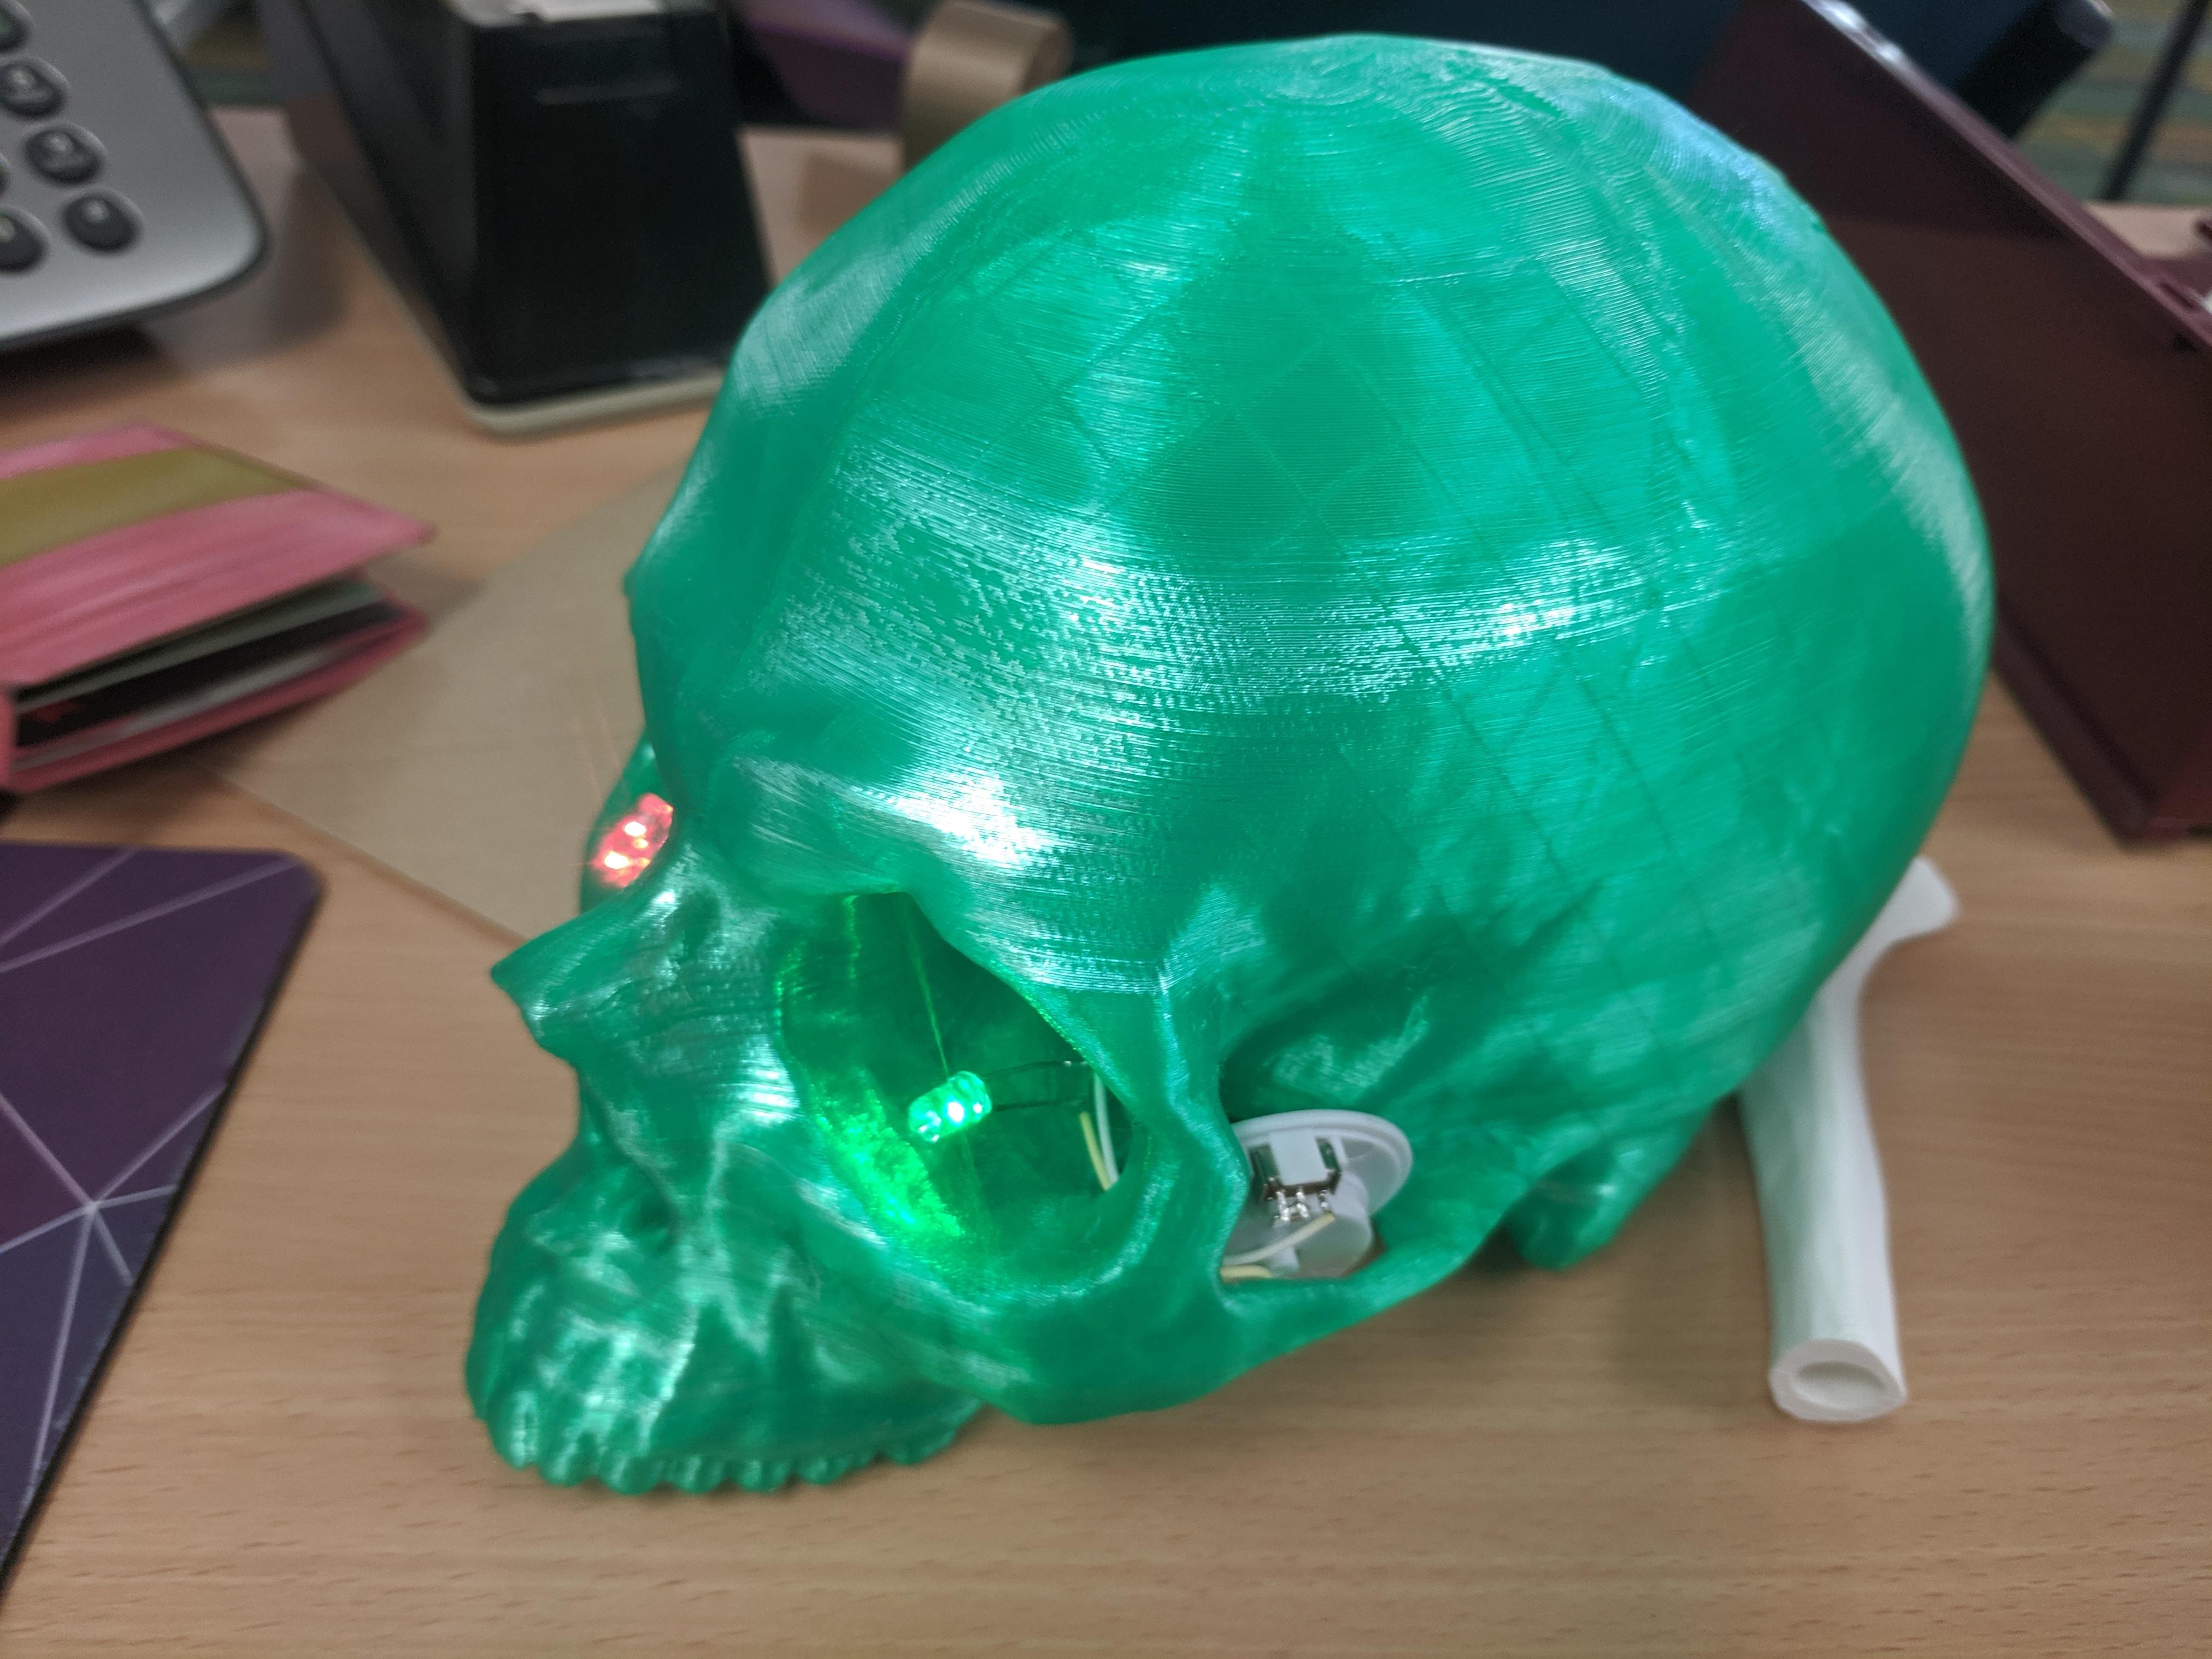 2019-10-28_11.58.50.jpg Télécharger fichier STL gratuit Tomodensitométrie du crâne avec cavité cérébrale • Objet pour imprimante 3D, sjpiper145